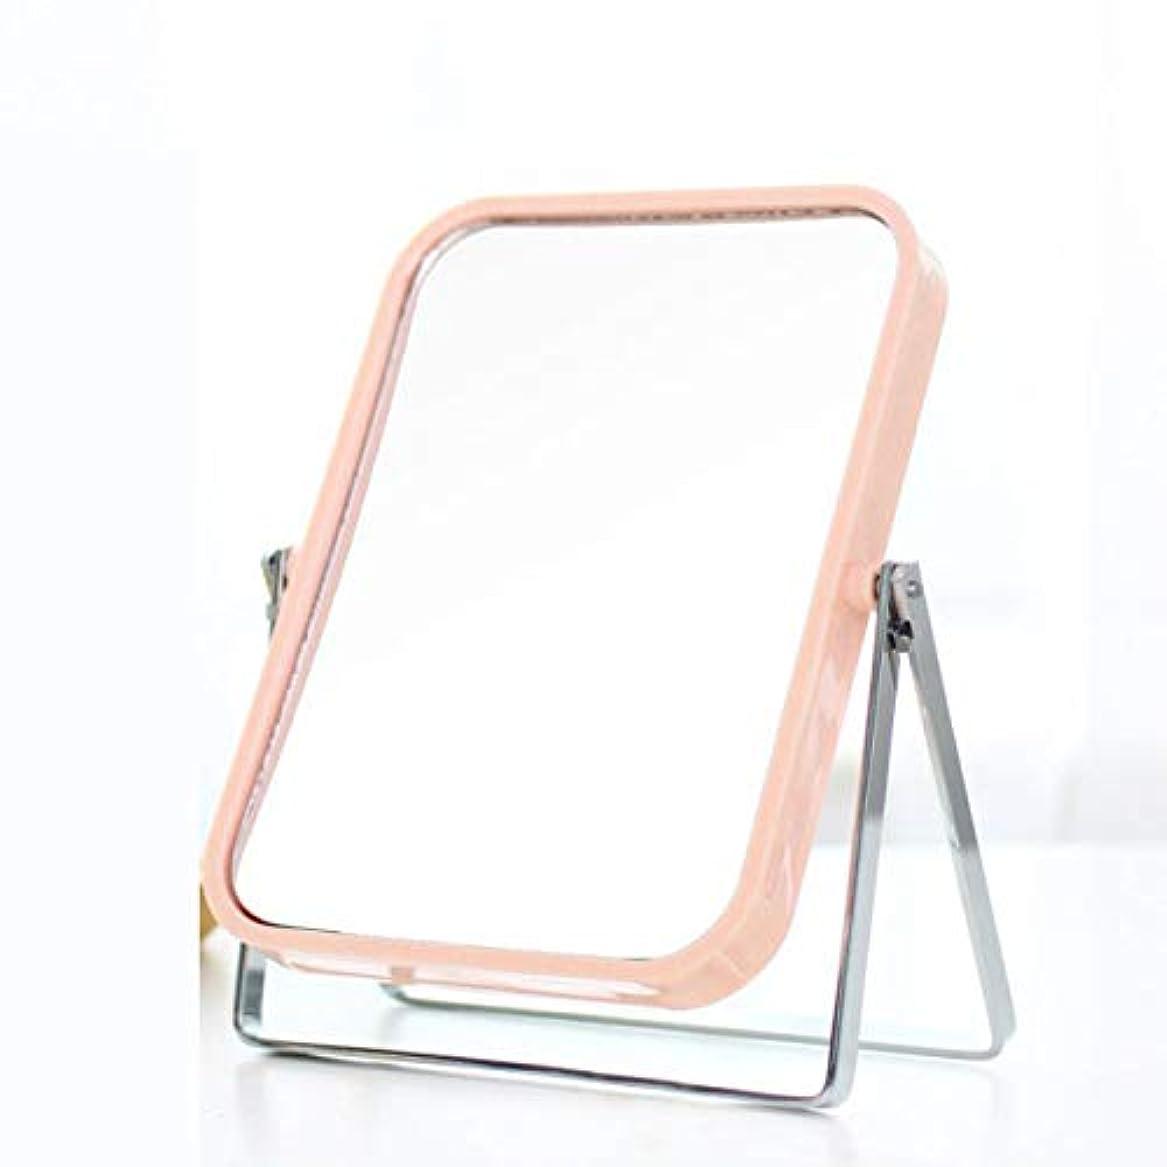 抽出寝室を掃除するカッター化粧鏡、シンプルな長方形の両面化粧鏡の化粧ギフト (Color : ピンク)